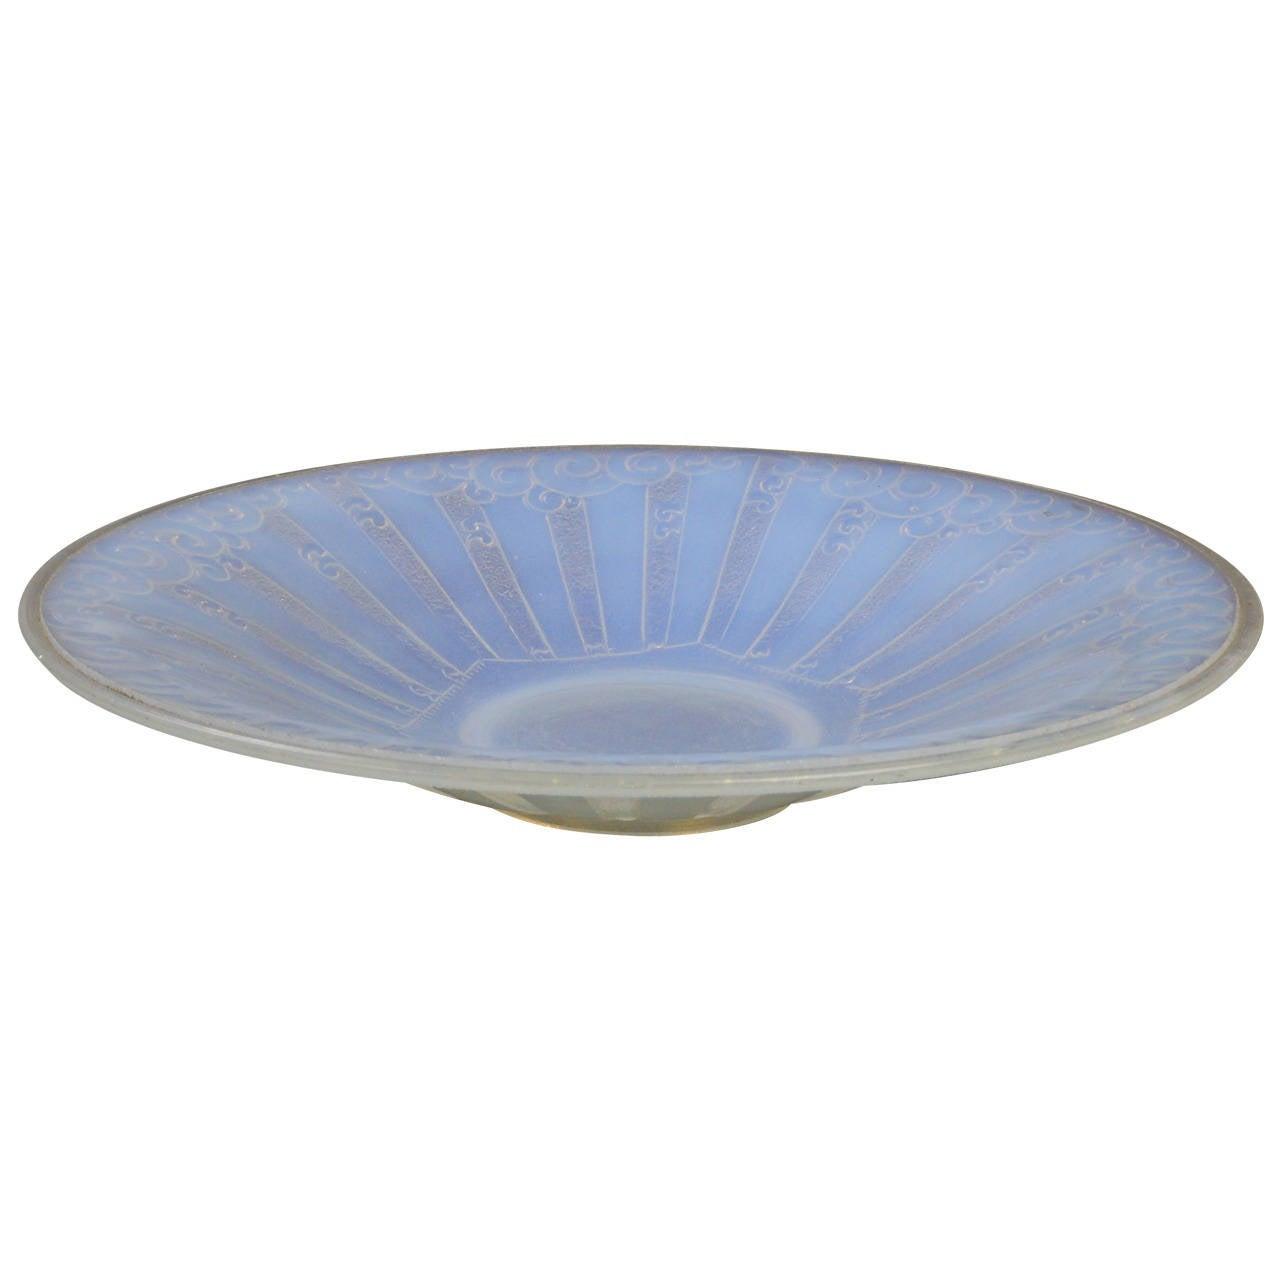 art deco glass bowl. Black Bedroom Furniture Sets. Home Design Ideas